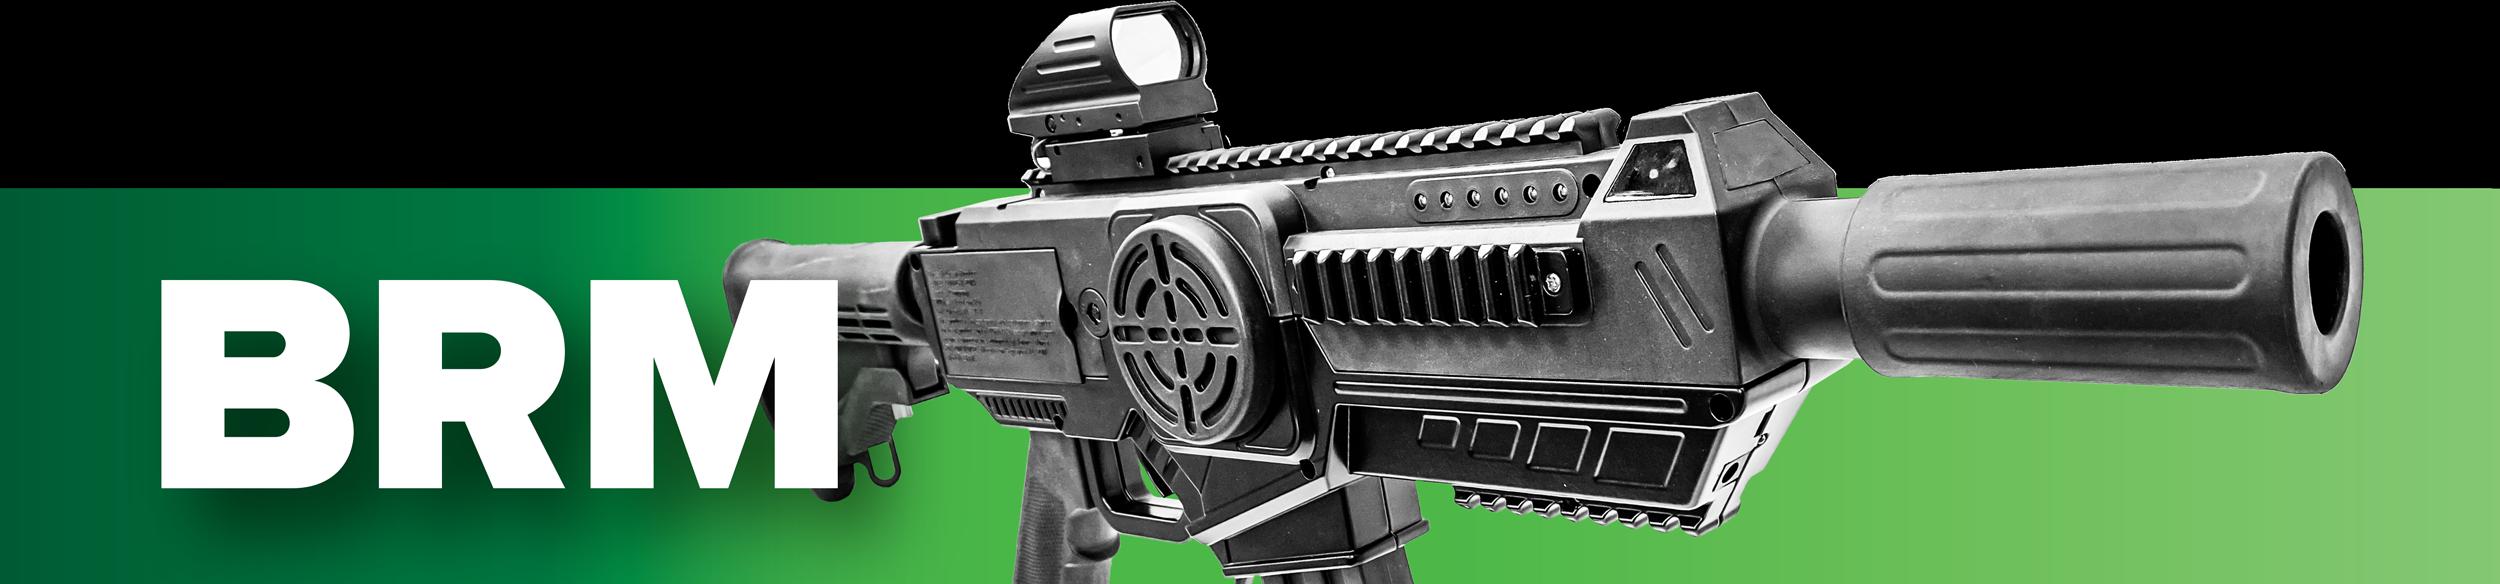 m4 laser tag gun